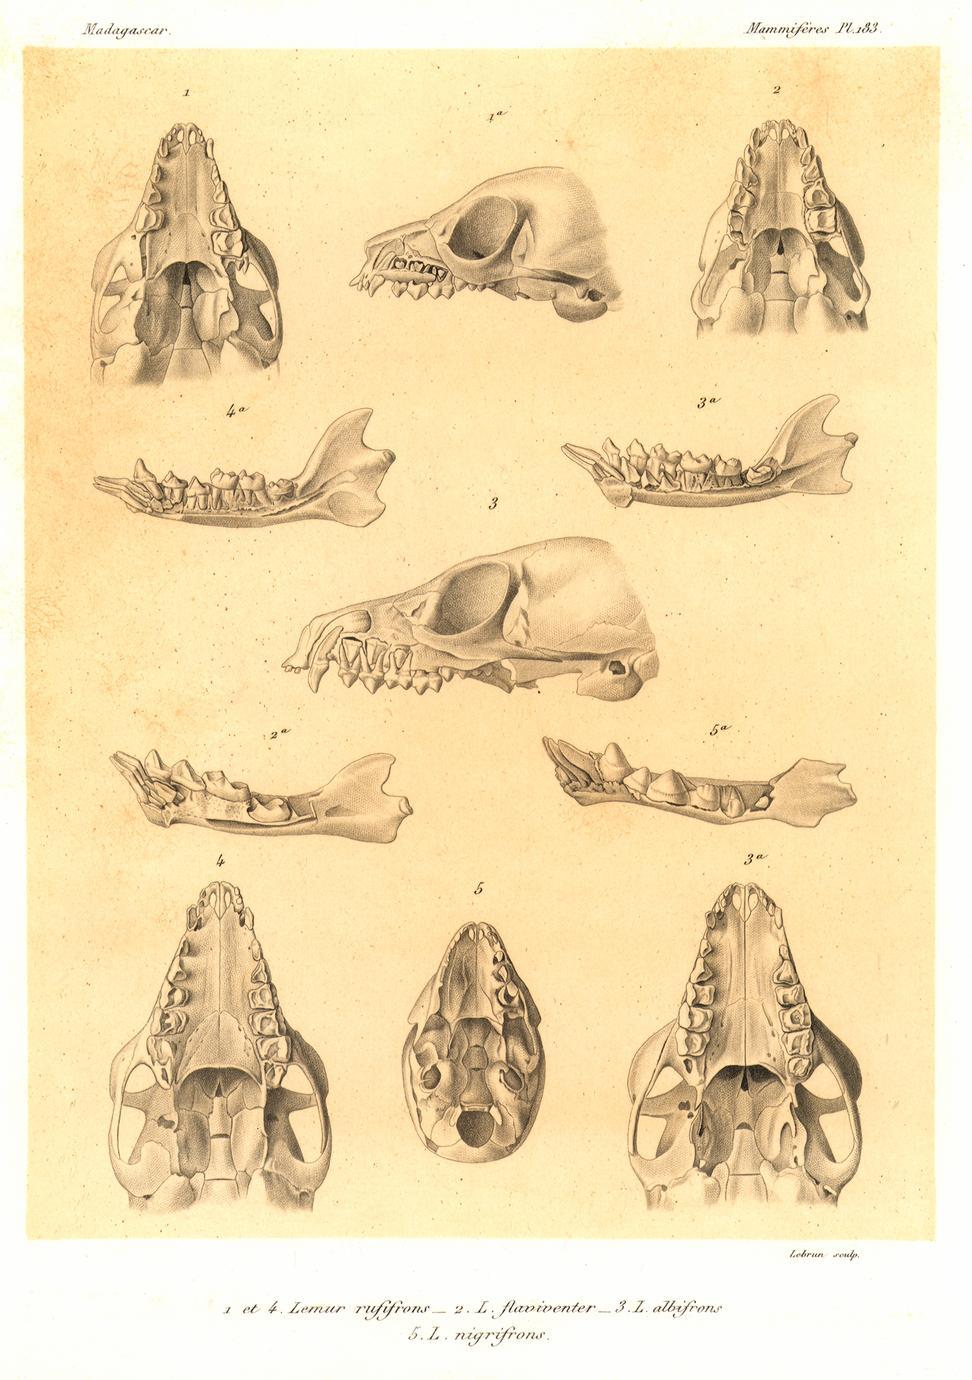 1 et 4-Lemur rufifrons; 2-Lemur flaviventer; 3-Lemur albifrons, 5-Lemur nigrifrons